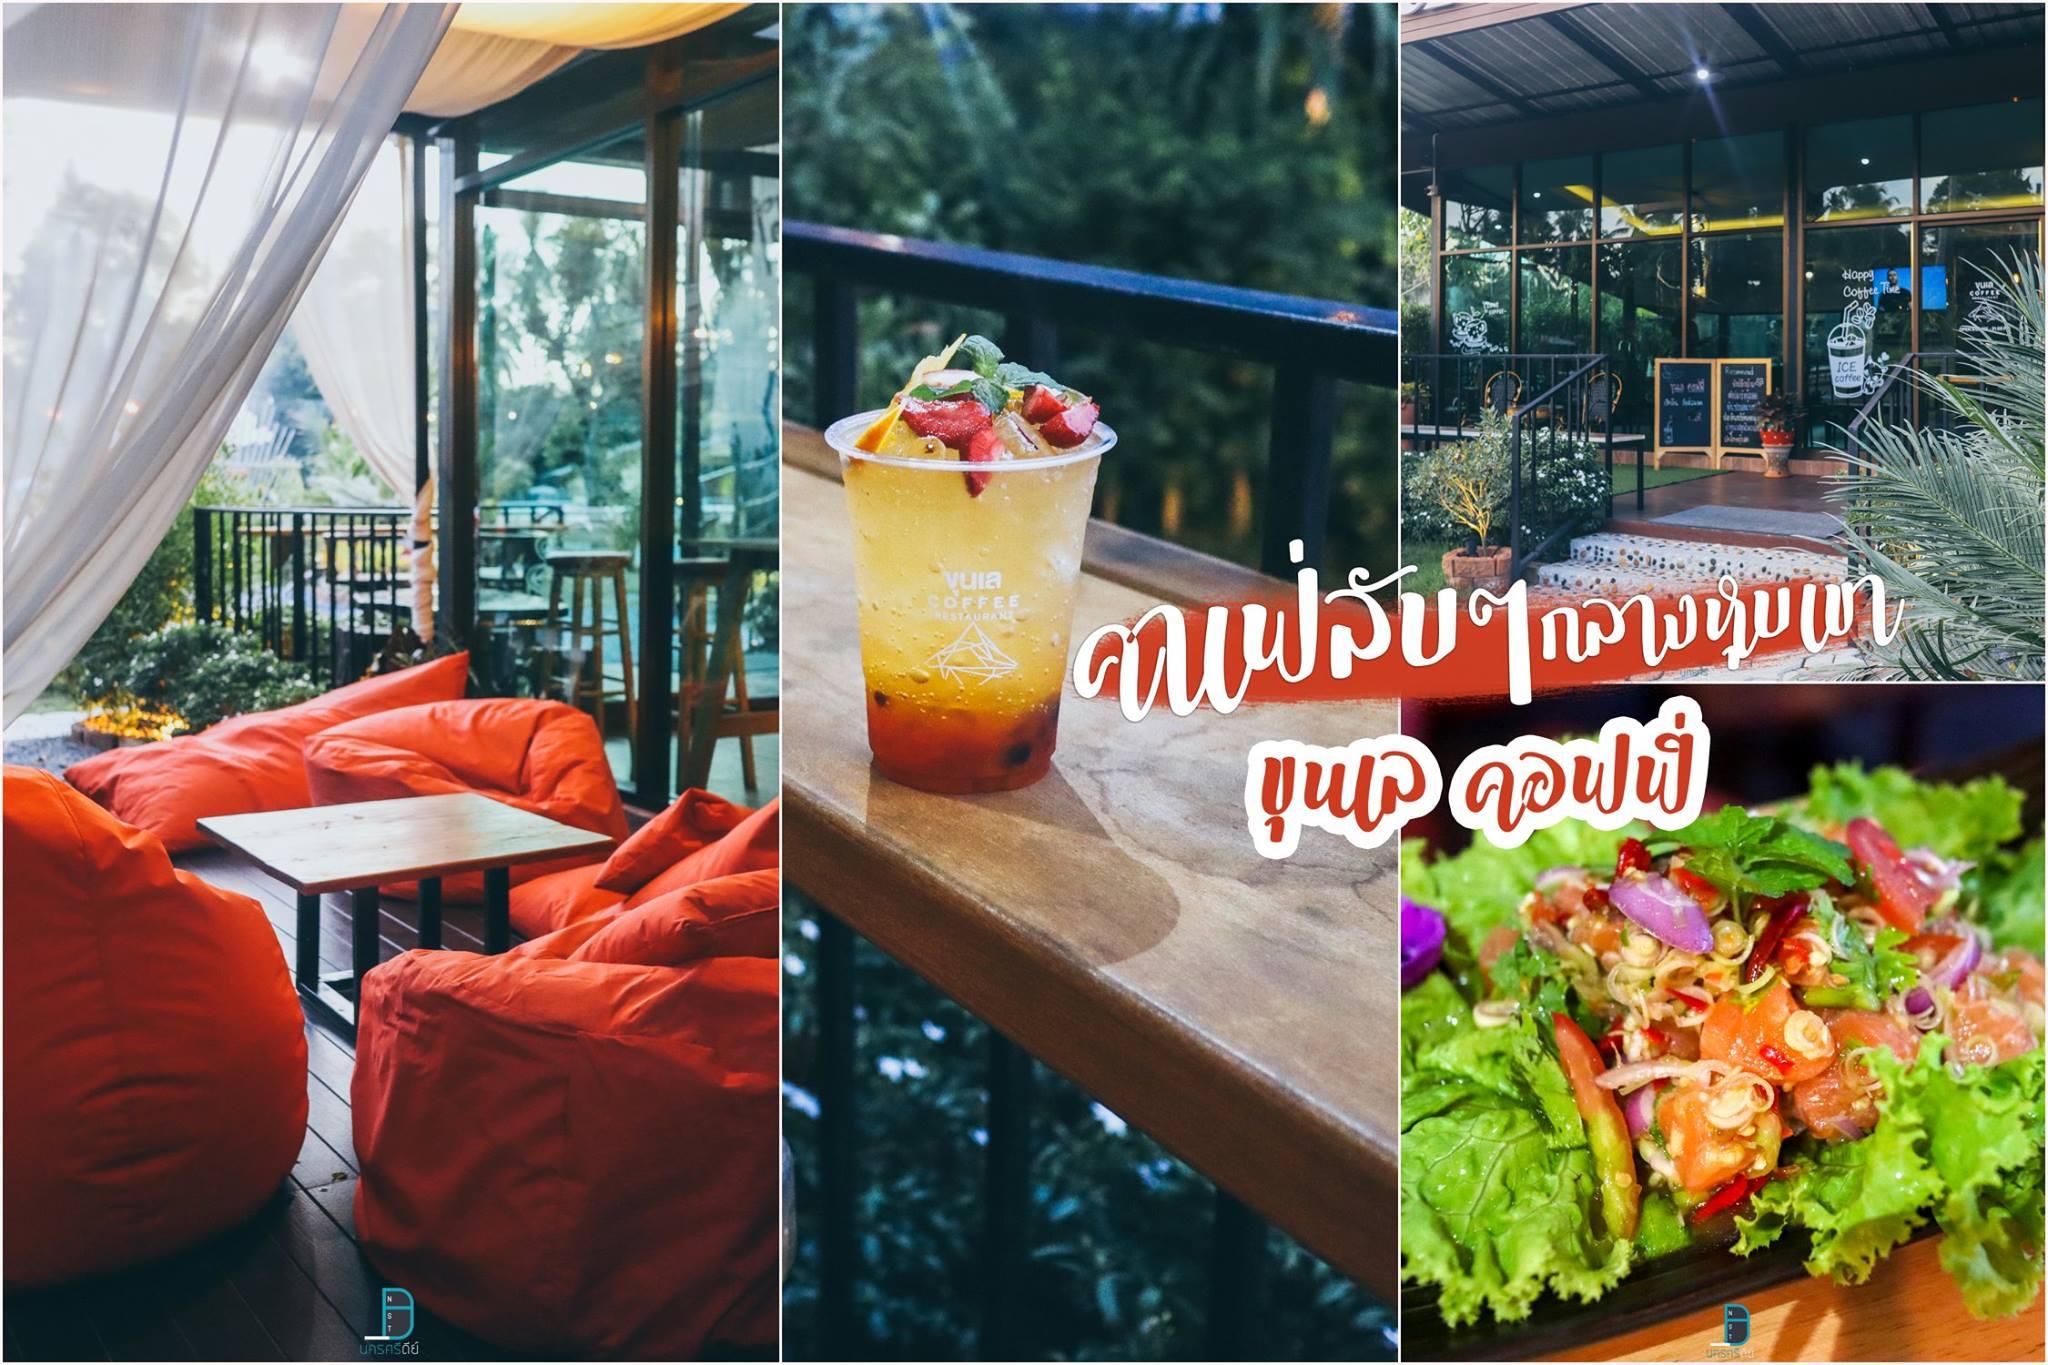 ร้านอาหาร ลานสกา น้ำสีฟ้า ขุนเล คอฟฟี่  Cafe ลับๆสวยๆวิวหลักล้าน นครศรีธรรมราช